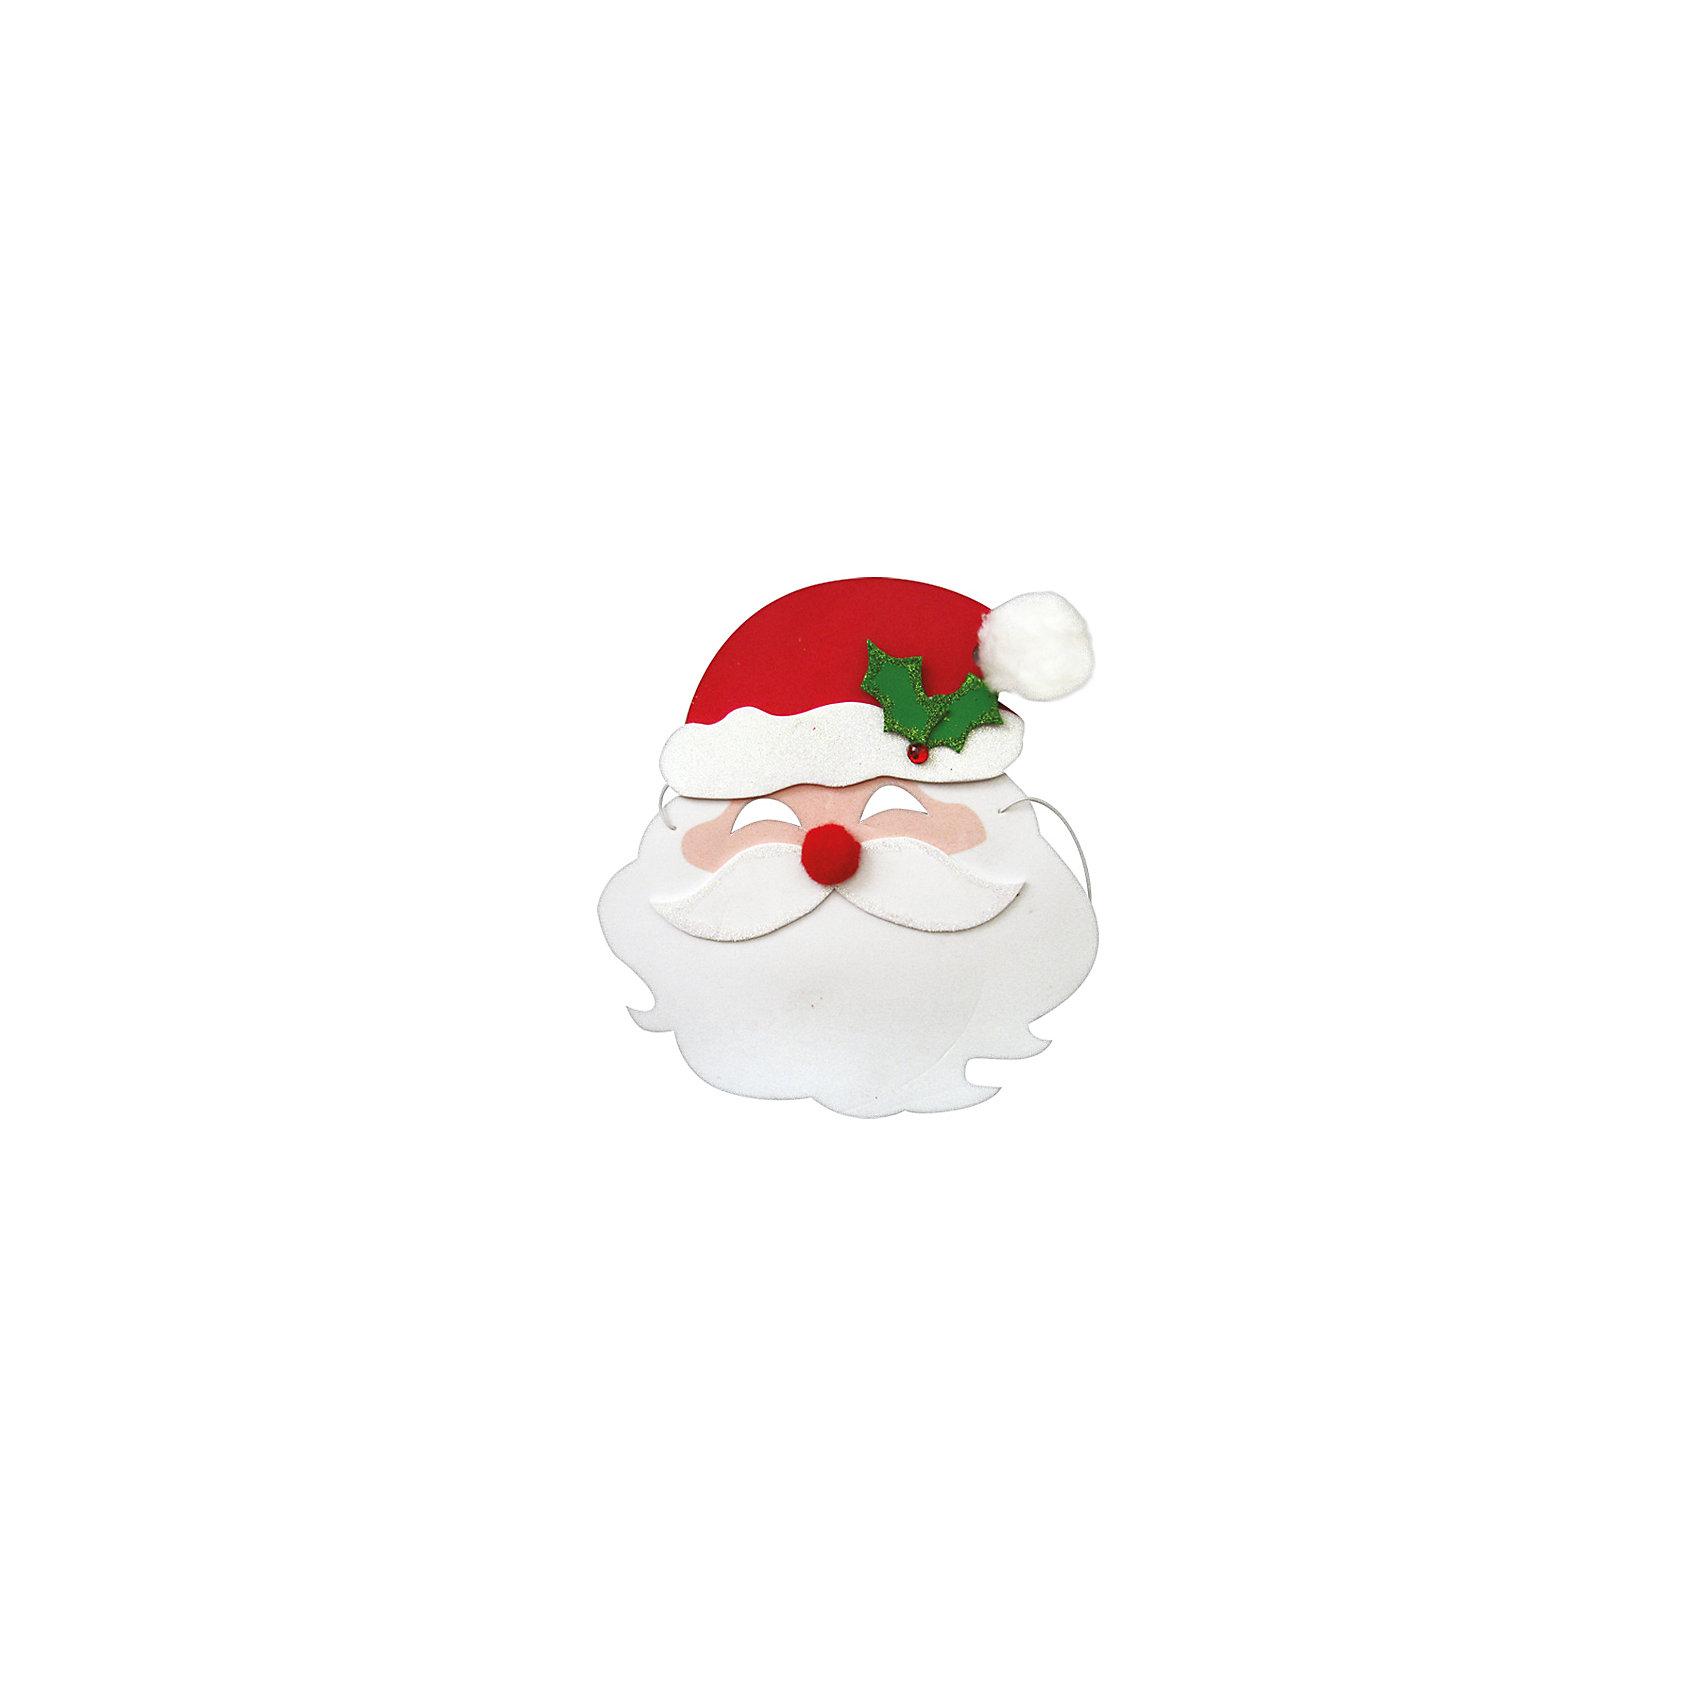 Маска Дед Мороз, Marko FerenzoМаска Дед Мороз, Marko Ferenzo, замечательно украсит карнавальный костюм Вашего ребенка. Маска выполнена в виде Деда Мороза с белой бородой и в красном колпачке. Надев ее, маленький участник праздника легко перевоплощается в любимого зимнего персонажа. Маска изготовлена из мягкого безопасного пластика, фиксируется с помощью резинки.<br><br> Дополнительная информация:<br><br>- Материал: пластик.<br>- Размер маски: 20 х 22 см.<br>- Размер упаковки: 19 х 12 х 4 см.<br>- Вес: 30 гр.<br><br>Маску Дед Мороз, Marko Ferenzo, можно купить в нашем интернет-магазине.<br><br>Ширина мм: 100<br>Глубина мм: 10<br>Высота мм: 100<br>Вес г: 250<br>Возраст от месяцев: 36<br>Возраст до месяцев: 2147483647<br>Пол: Унисекс<br>Возраст: Детский<br>SKU: 4418865